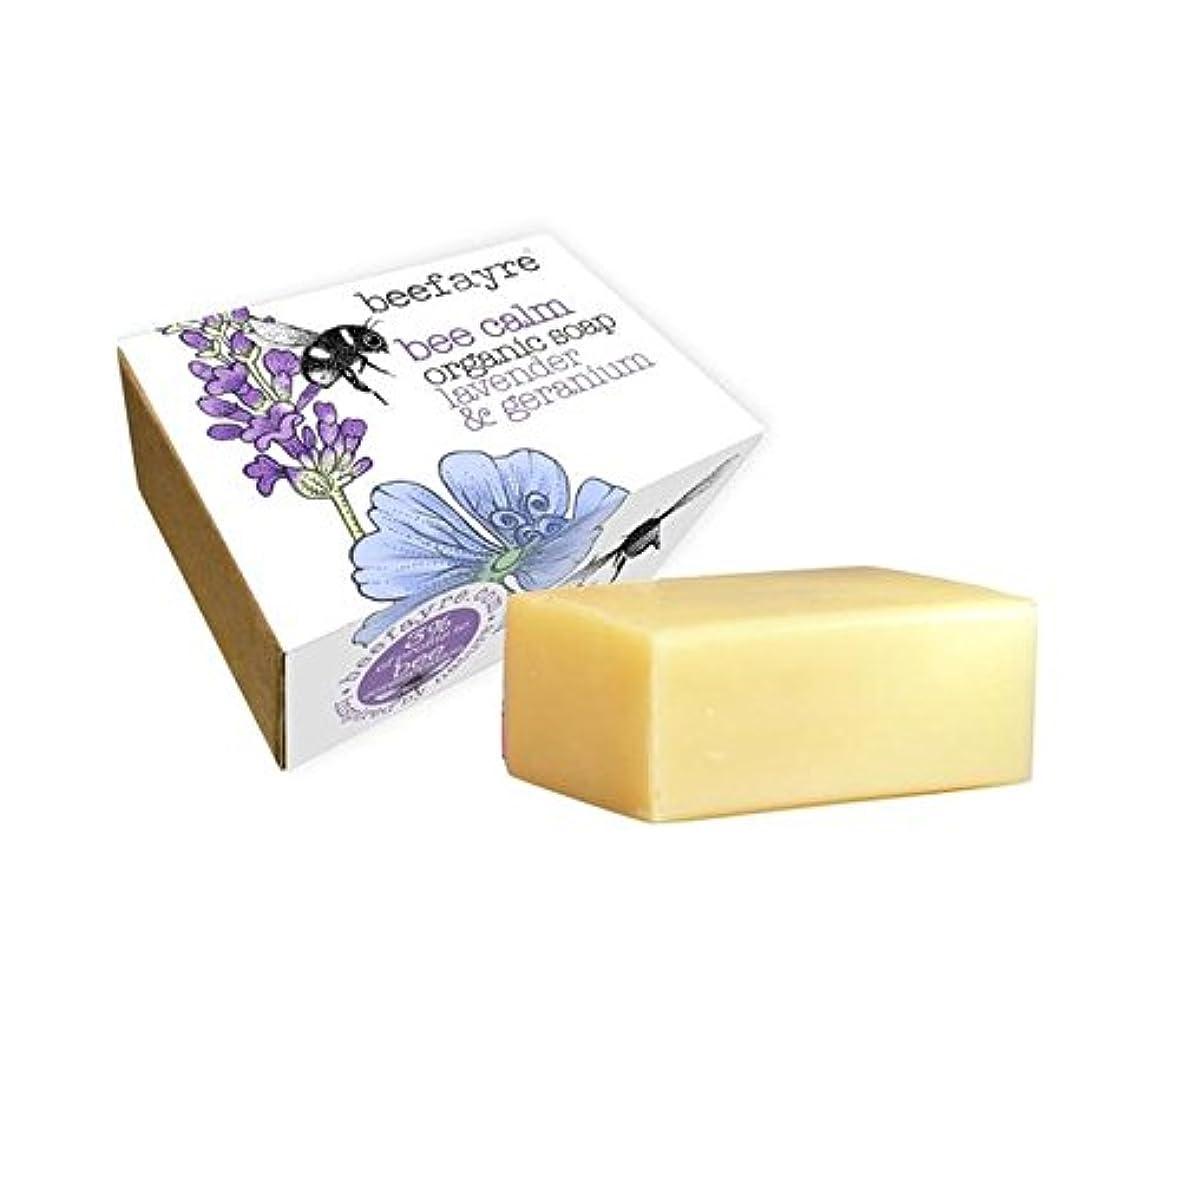 風変わりな召集する同様にBeefayre Organic Geranium & Lavender Soap - 有機ゼラニウム&ラベンダー石鹸 [並行輸入品]